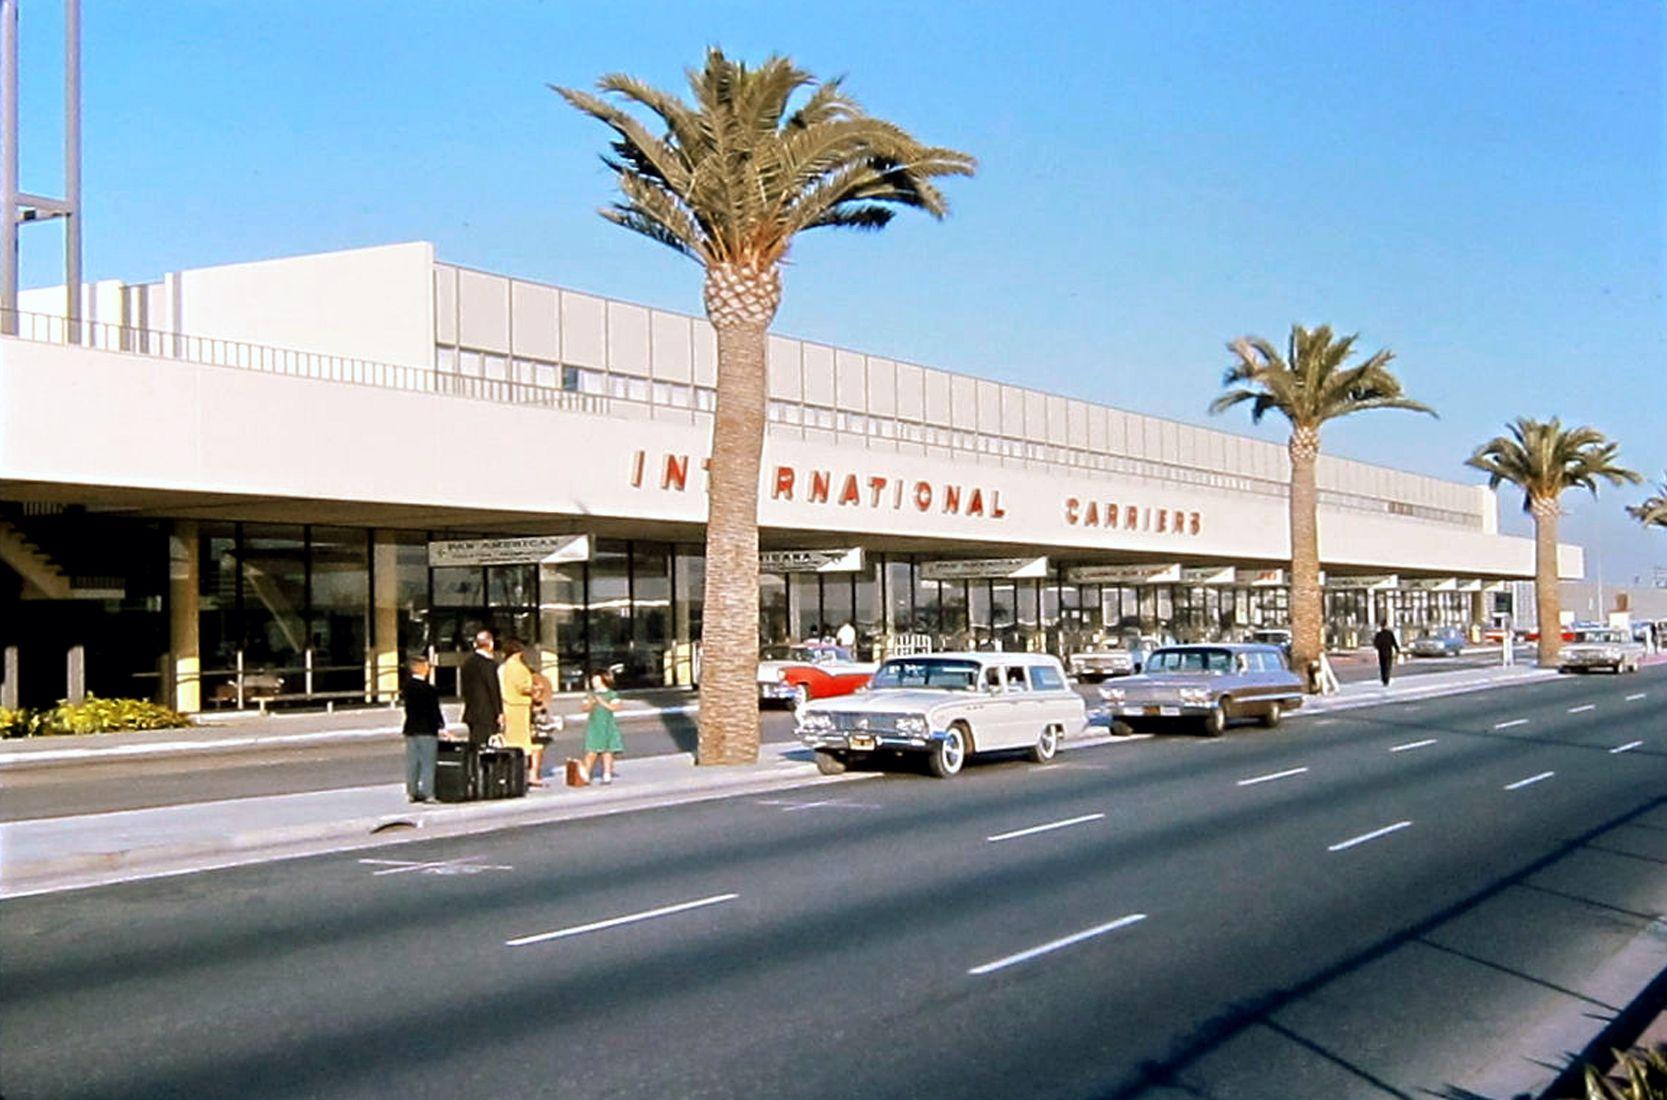 Lax In 1964 Bizarre Los Angeles Los Angeles International Airport Los Angeles Area Los Angeles History